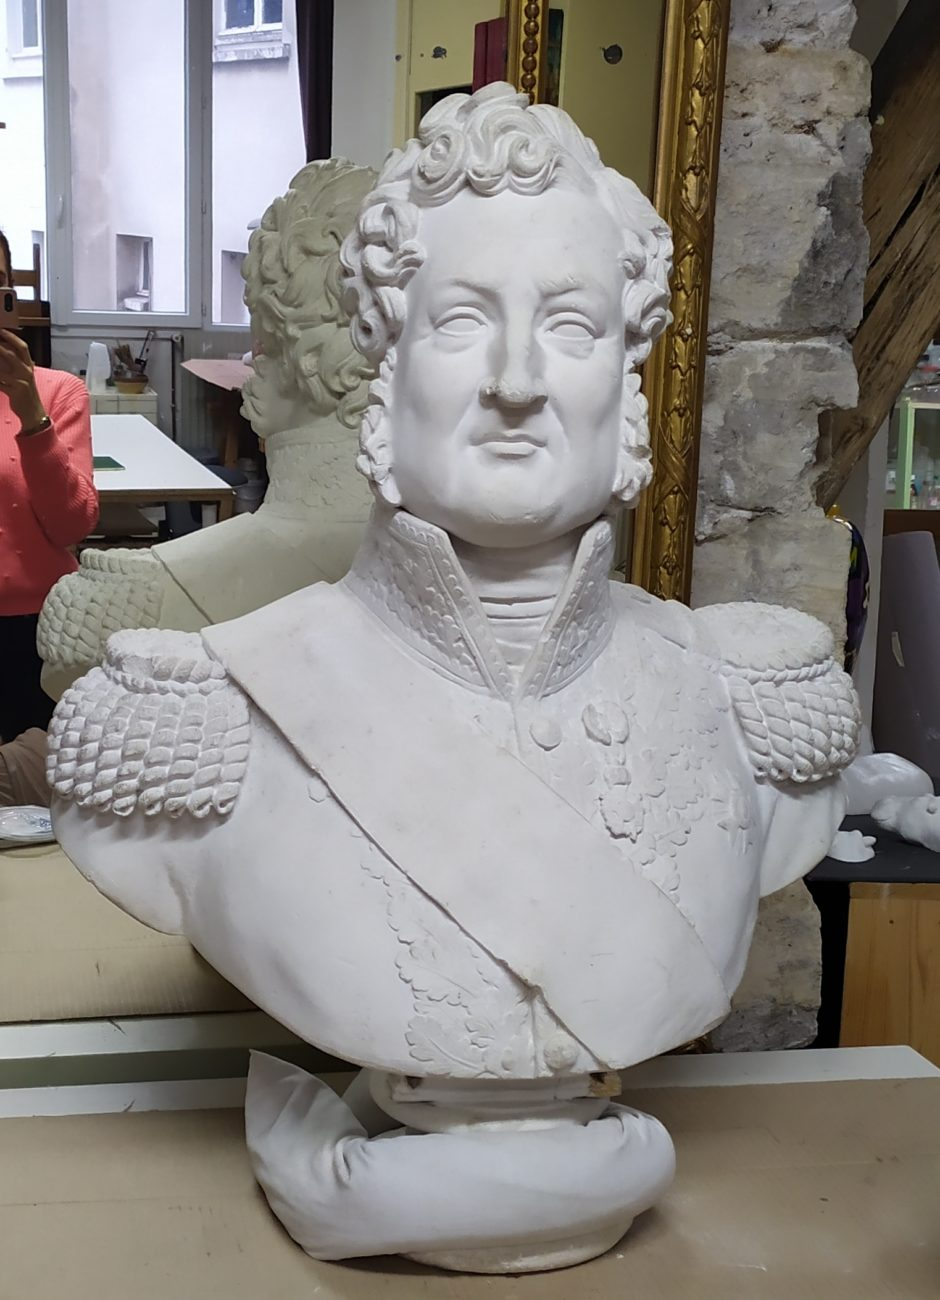 Restauration-conservation d'un buste de Louis-Philippe Ier